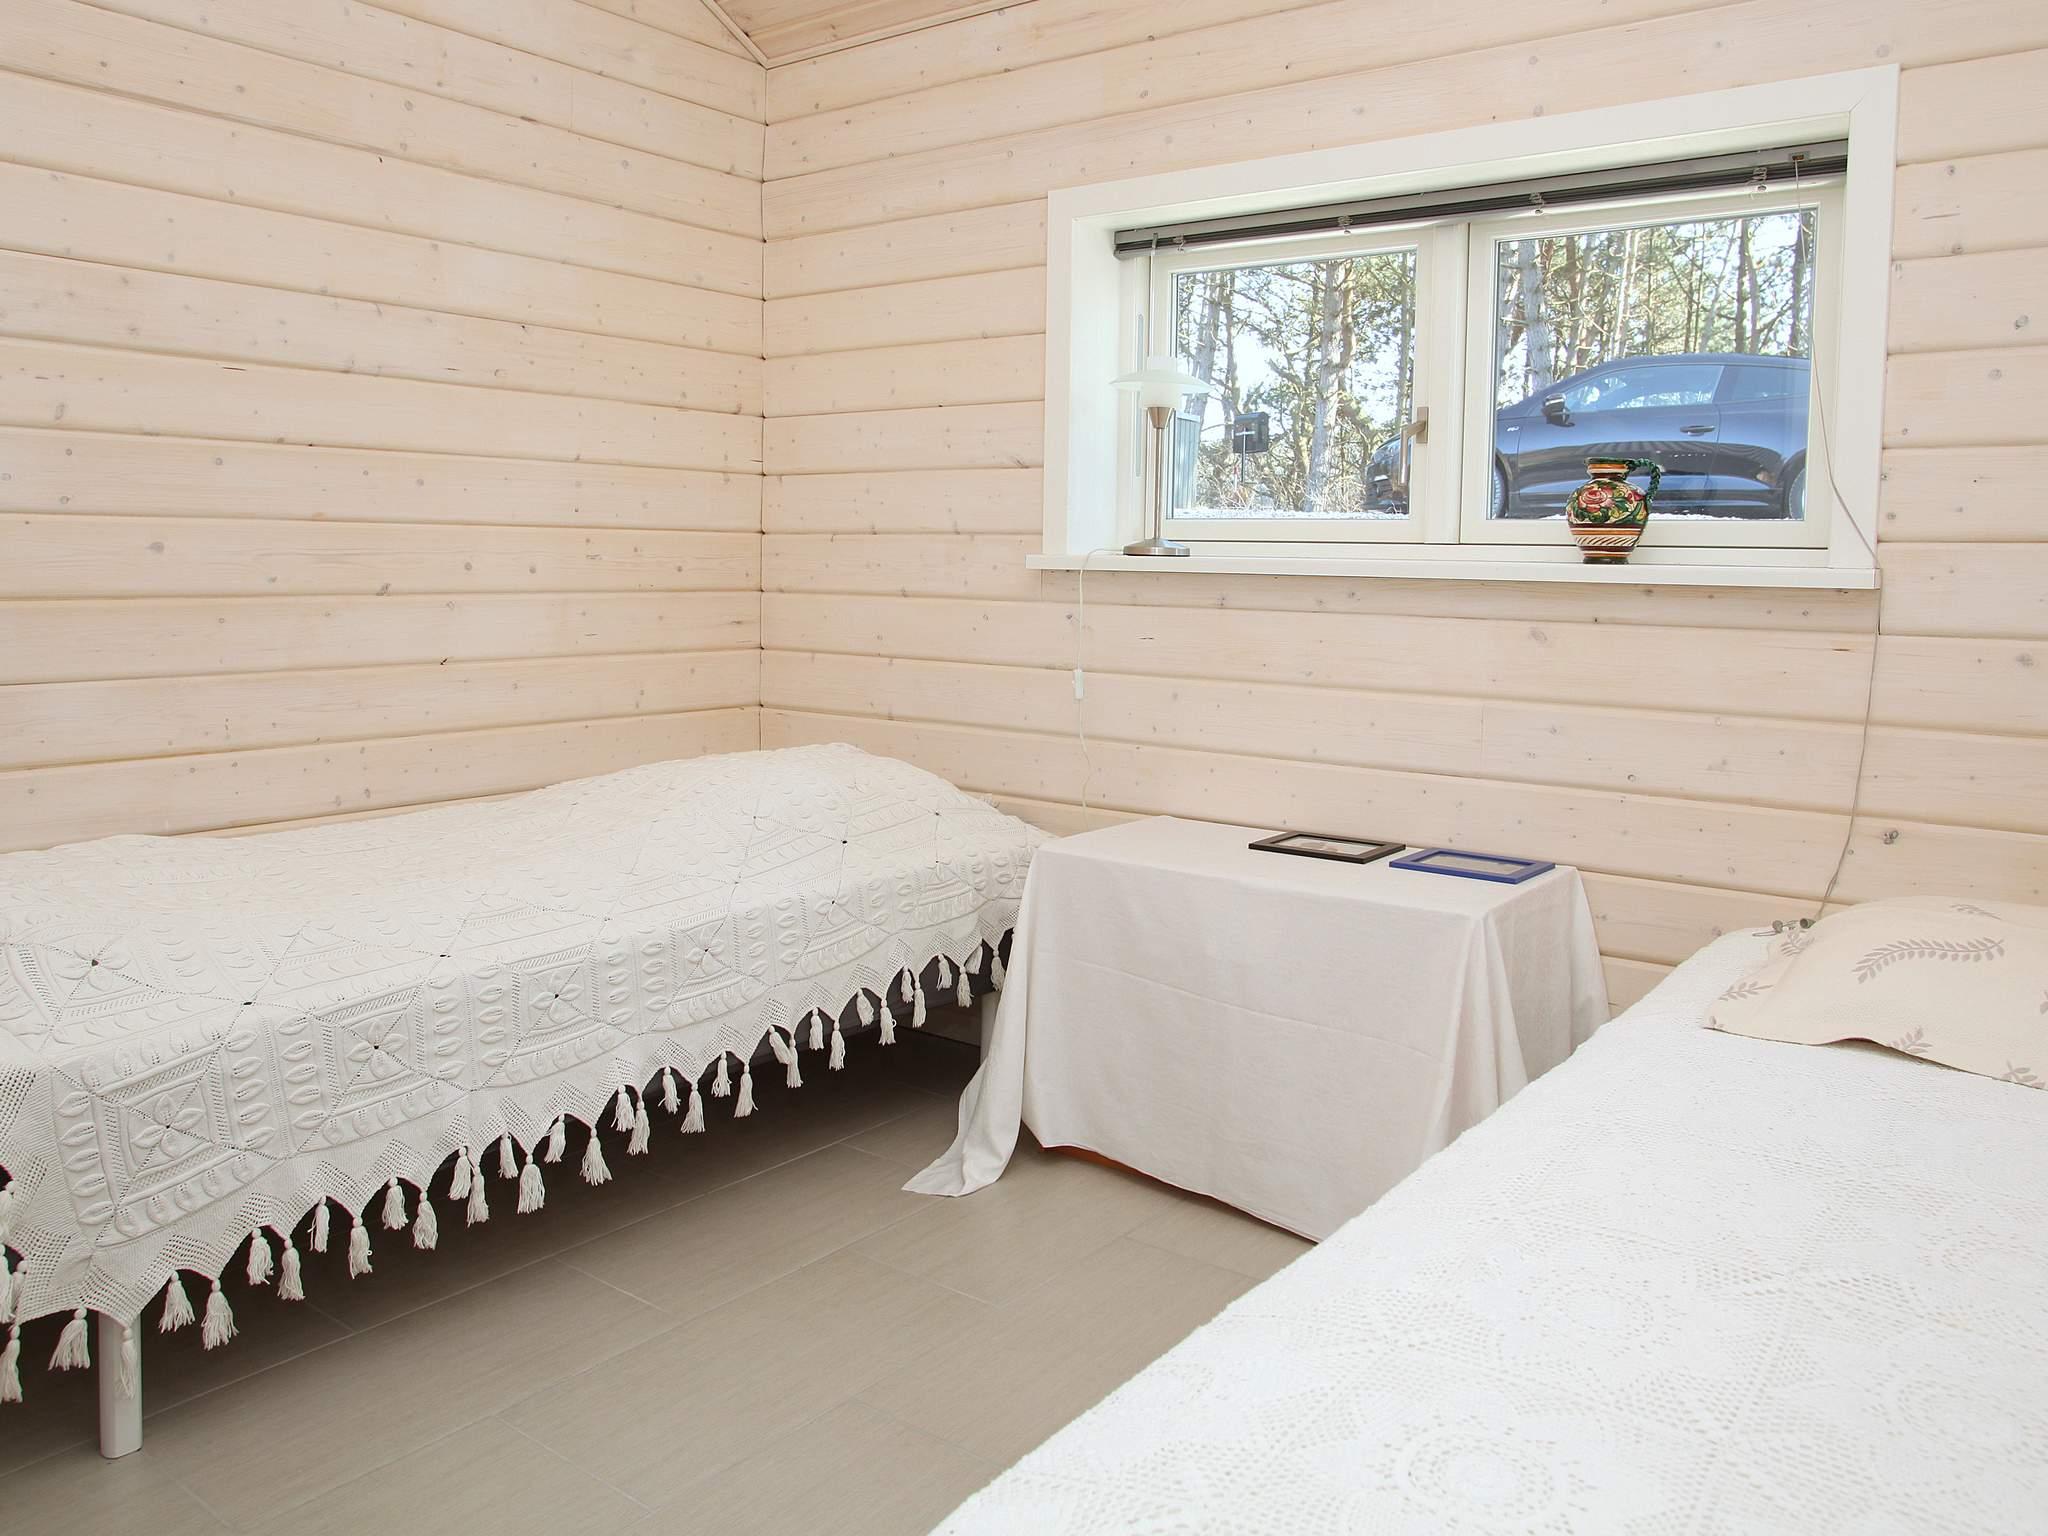 Ferienhaus Ebeltoft (494749), Ebeltoft, , Ostjütland, Dänemark, Bild 9